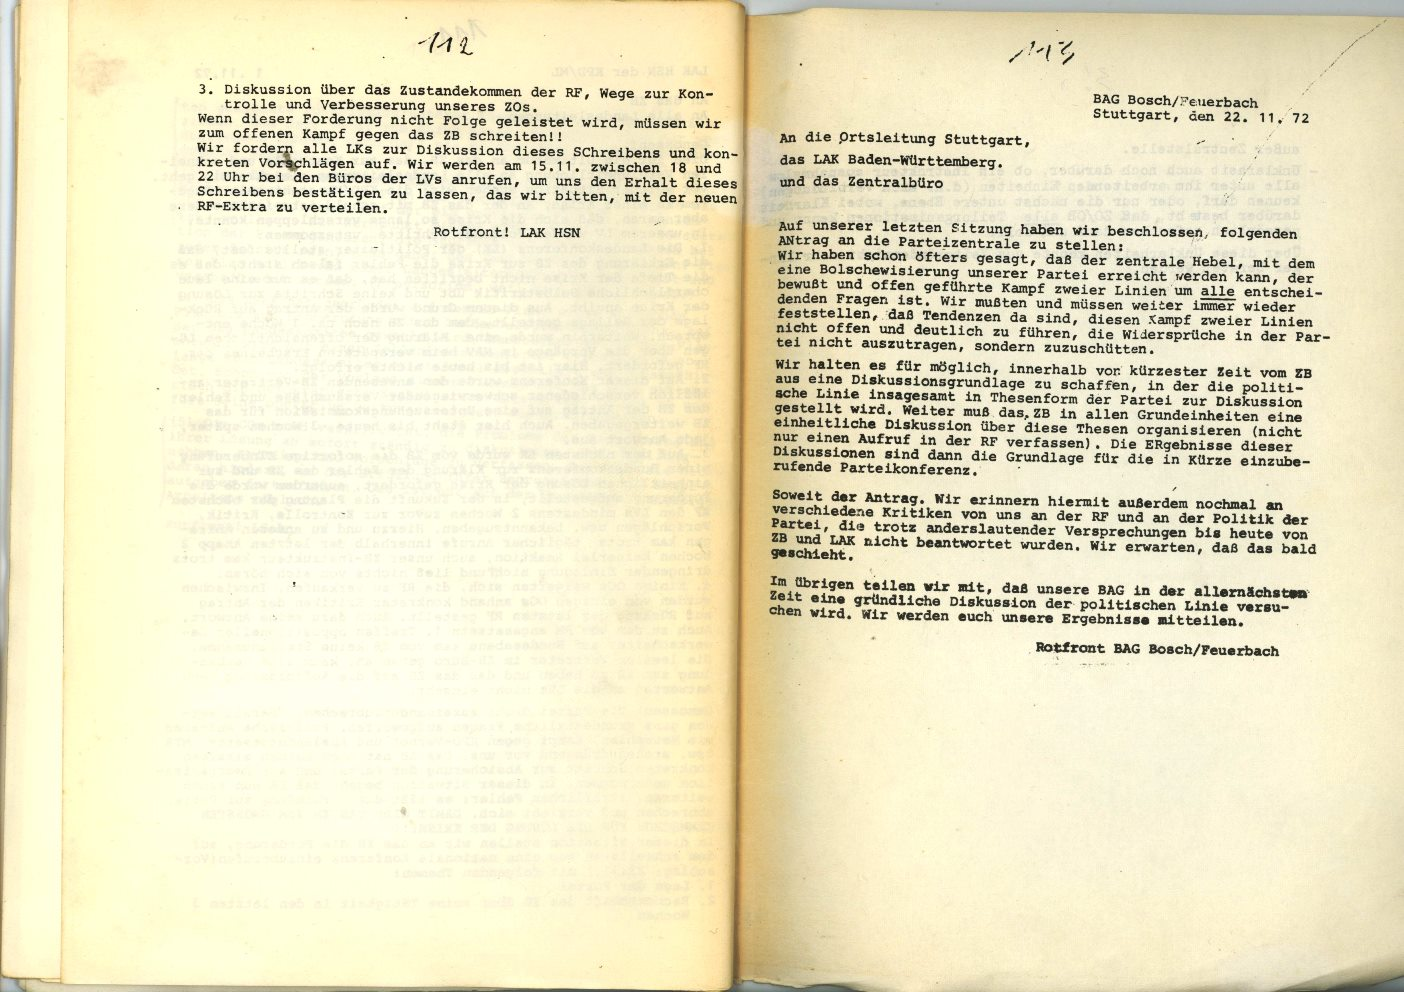 ZB_1972_Diskussionsorgan_zur_ersten_Parteikonferenz_62